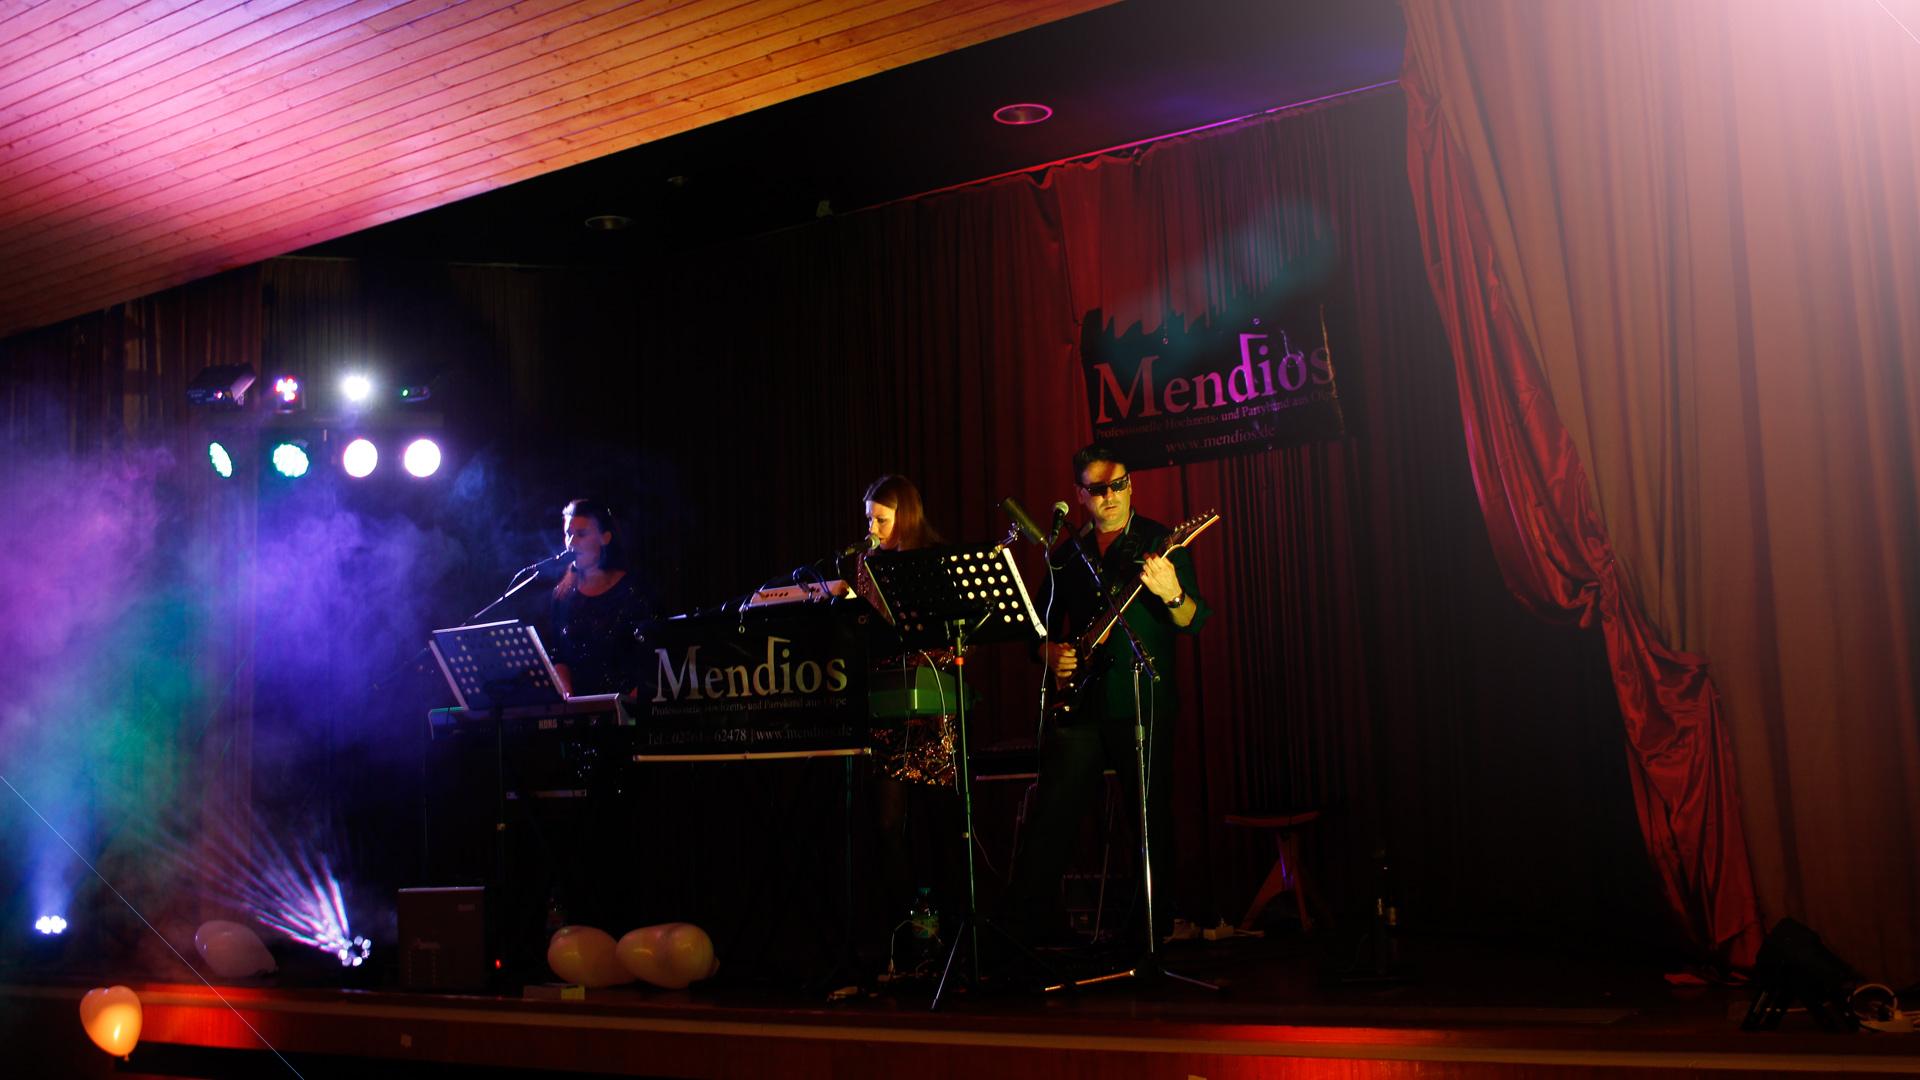 MENDIOS_bg_001